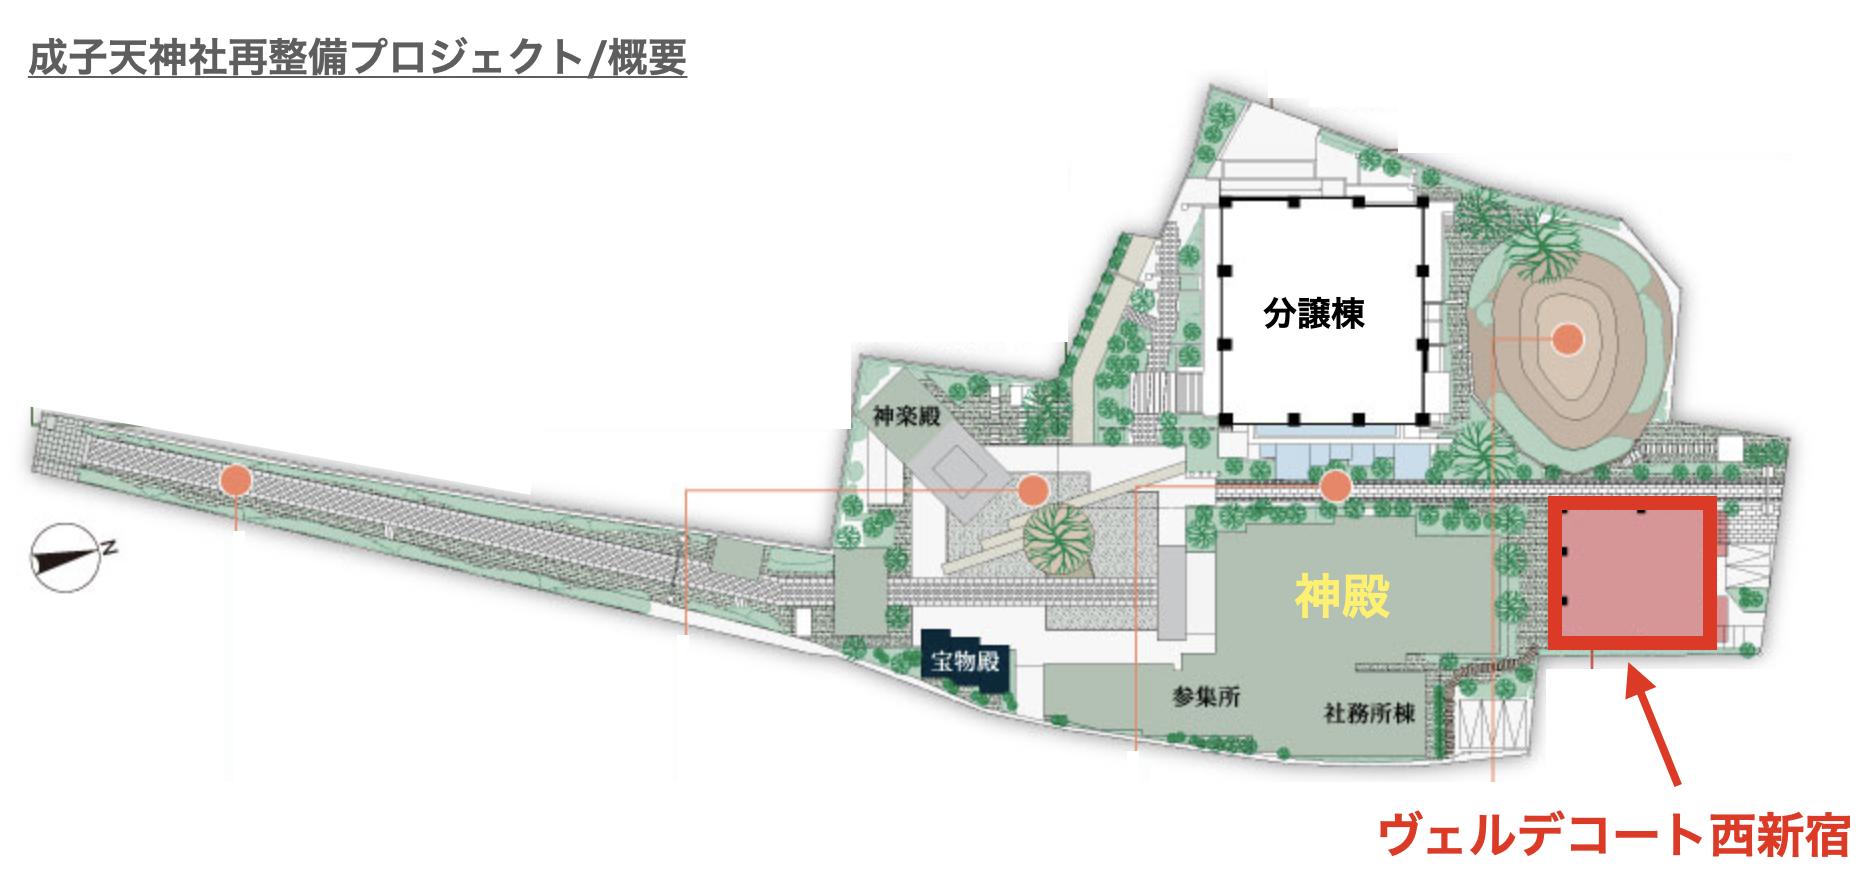 ヴェルデコート西新宿の敷地